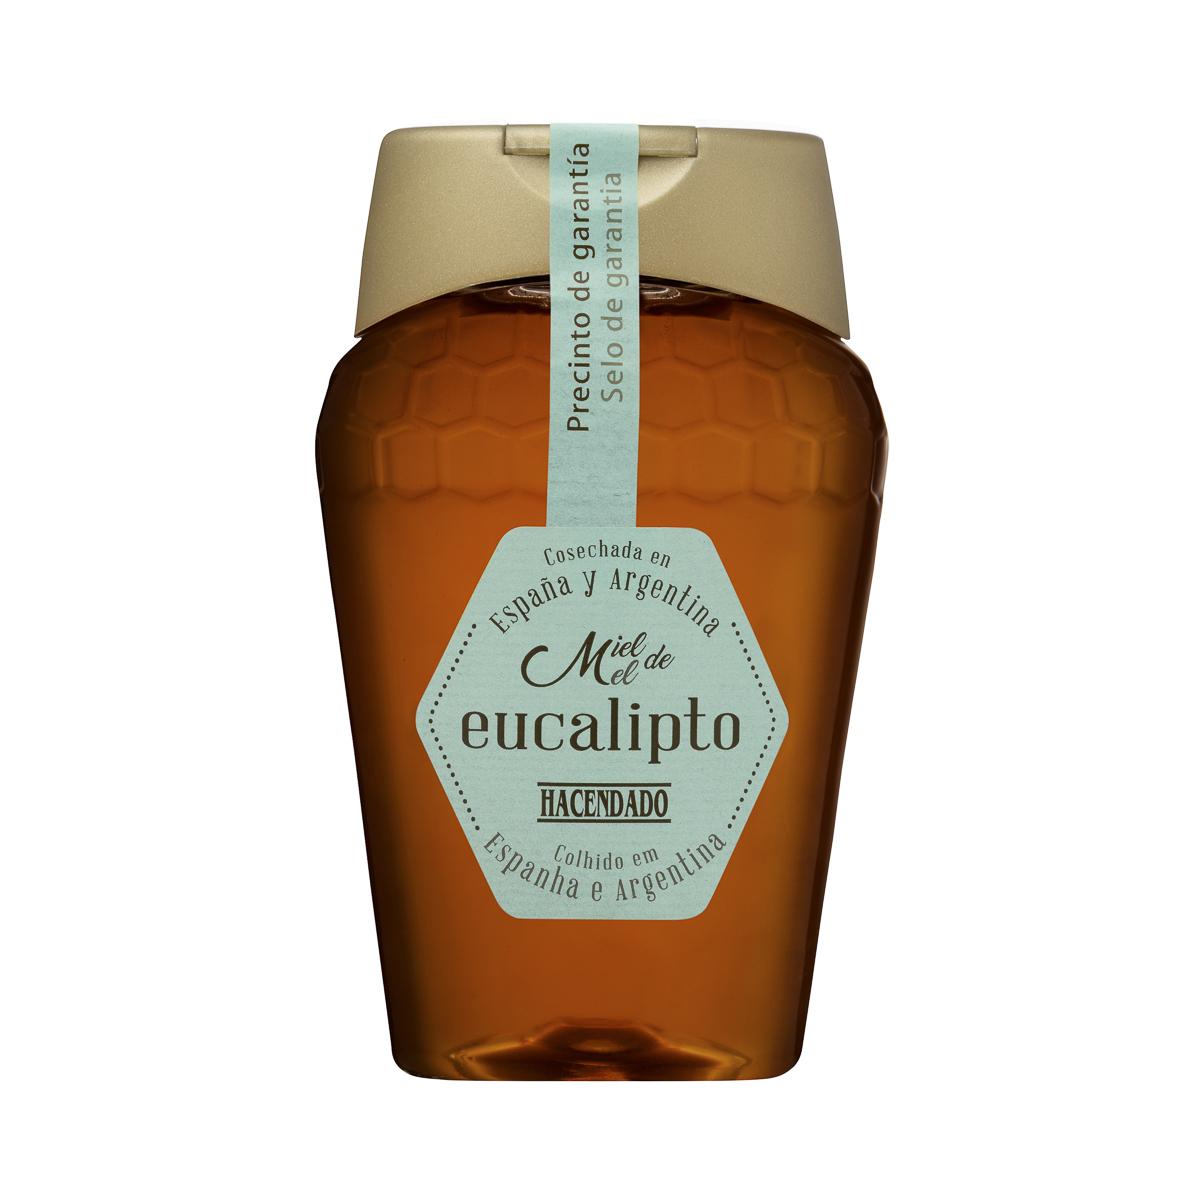 Fotografía producto, miel eucalipto Hacendado (Mercadona)